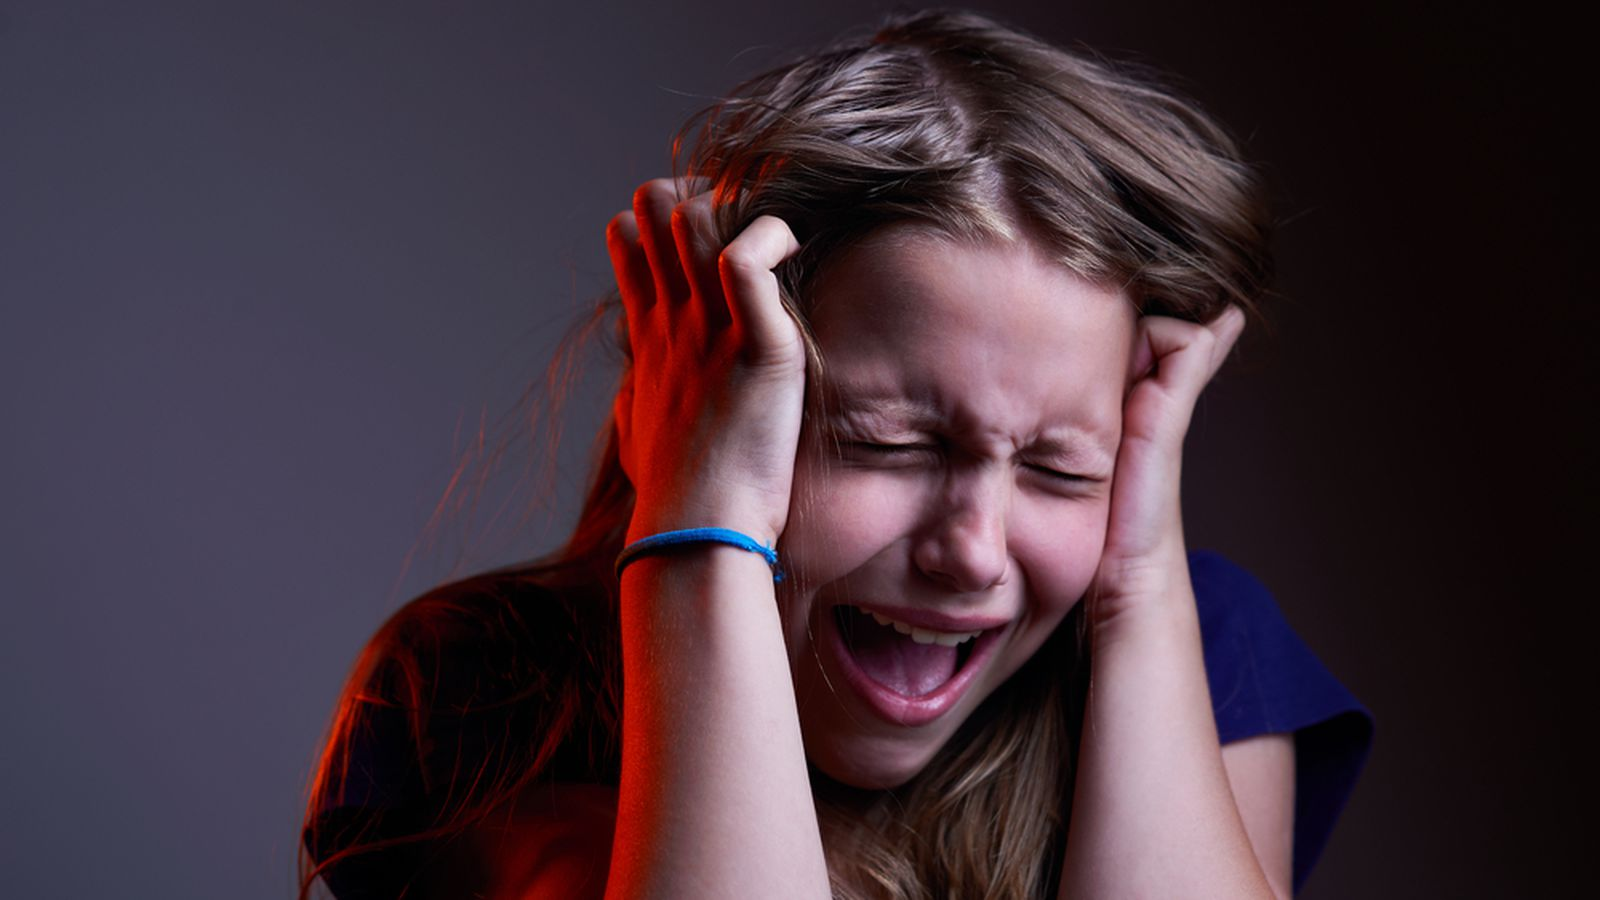 Фото кричащей девушки 16 фотография